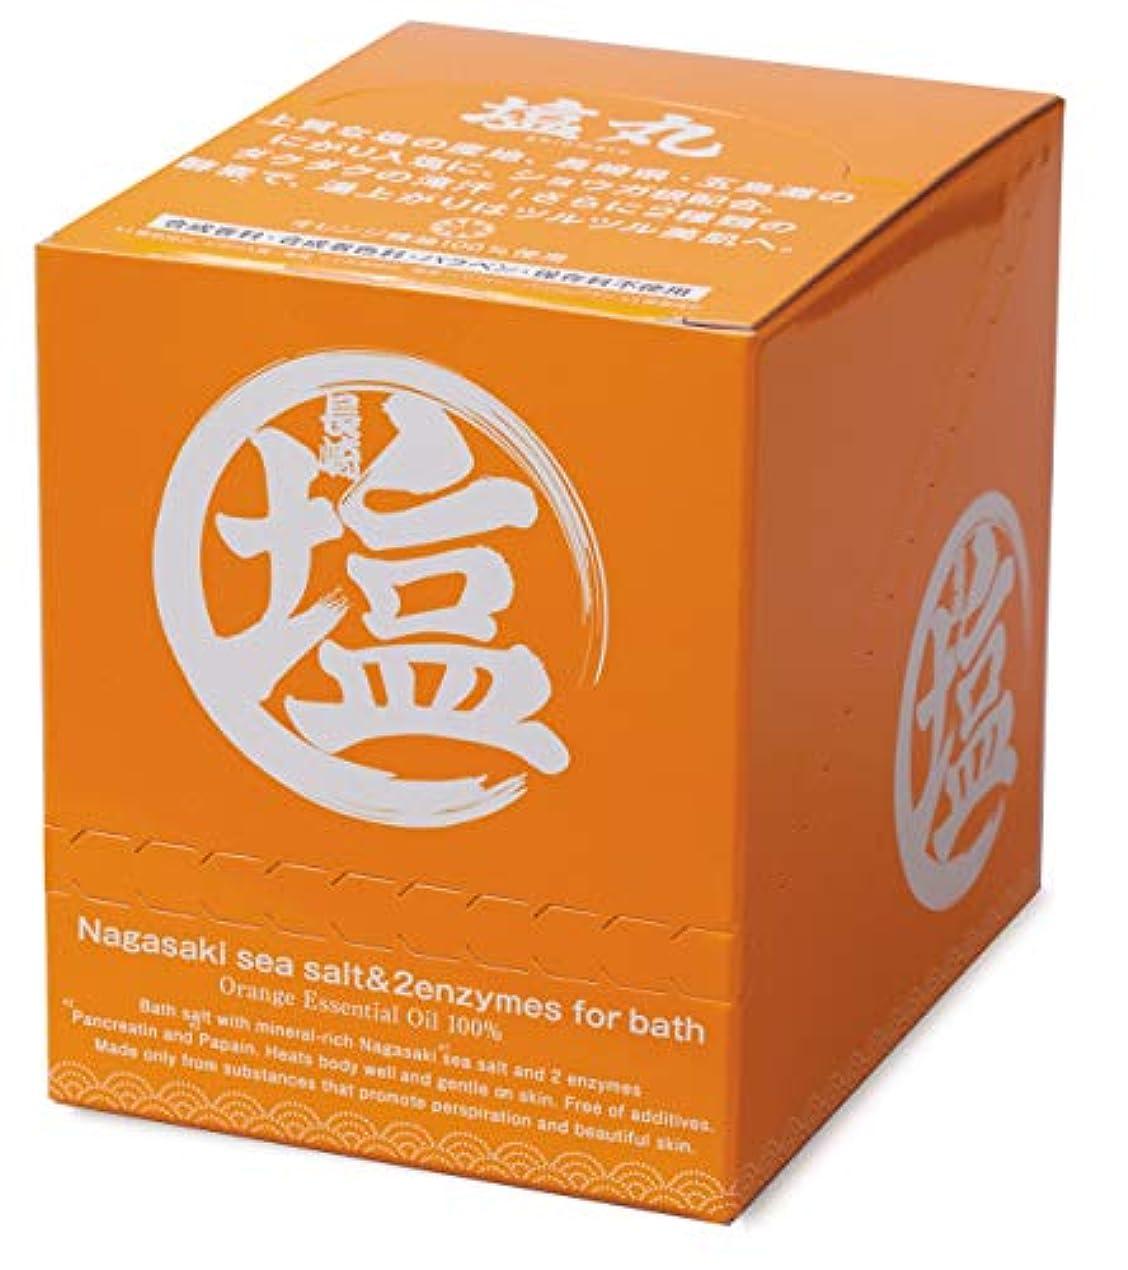 悲惨方法論見捨てられた(塩丸)長崎産にがり入海塩入浴剤(40g×12包入)オレンジ精油/合成香料?合成着色料?保存料不使用